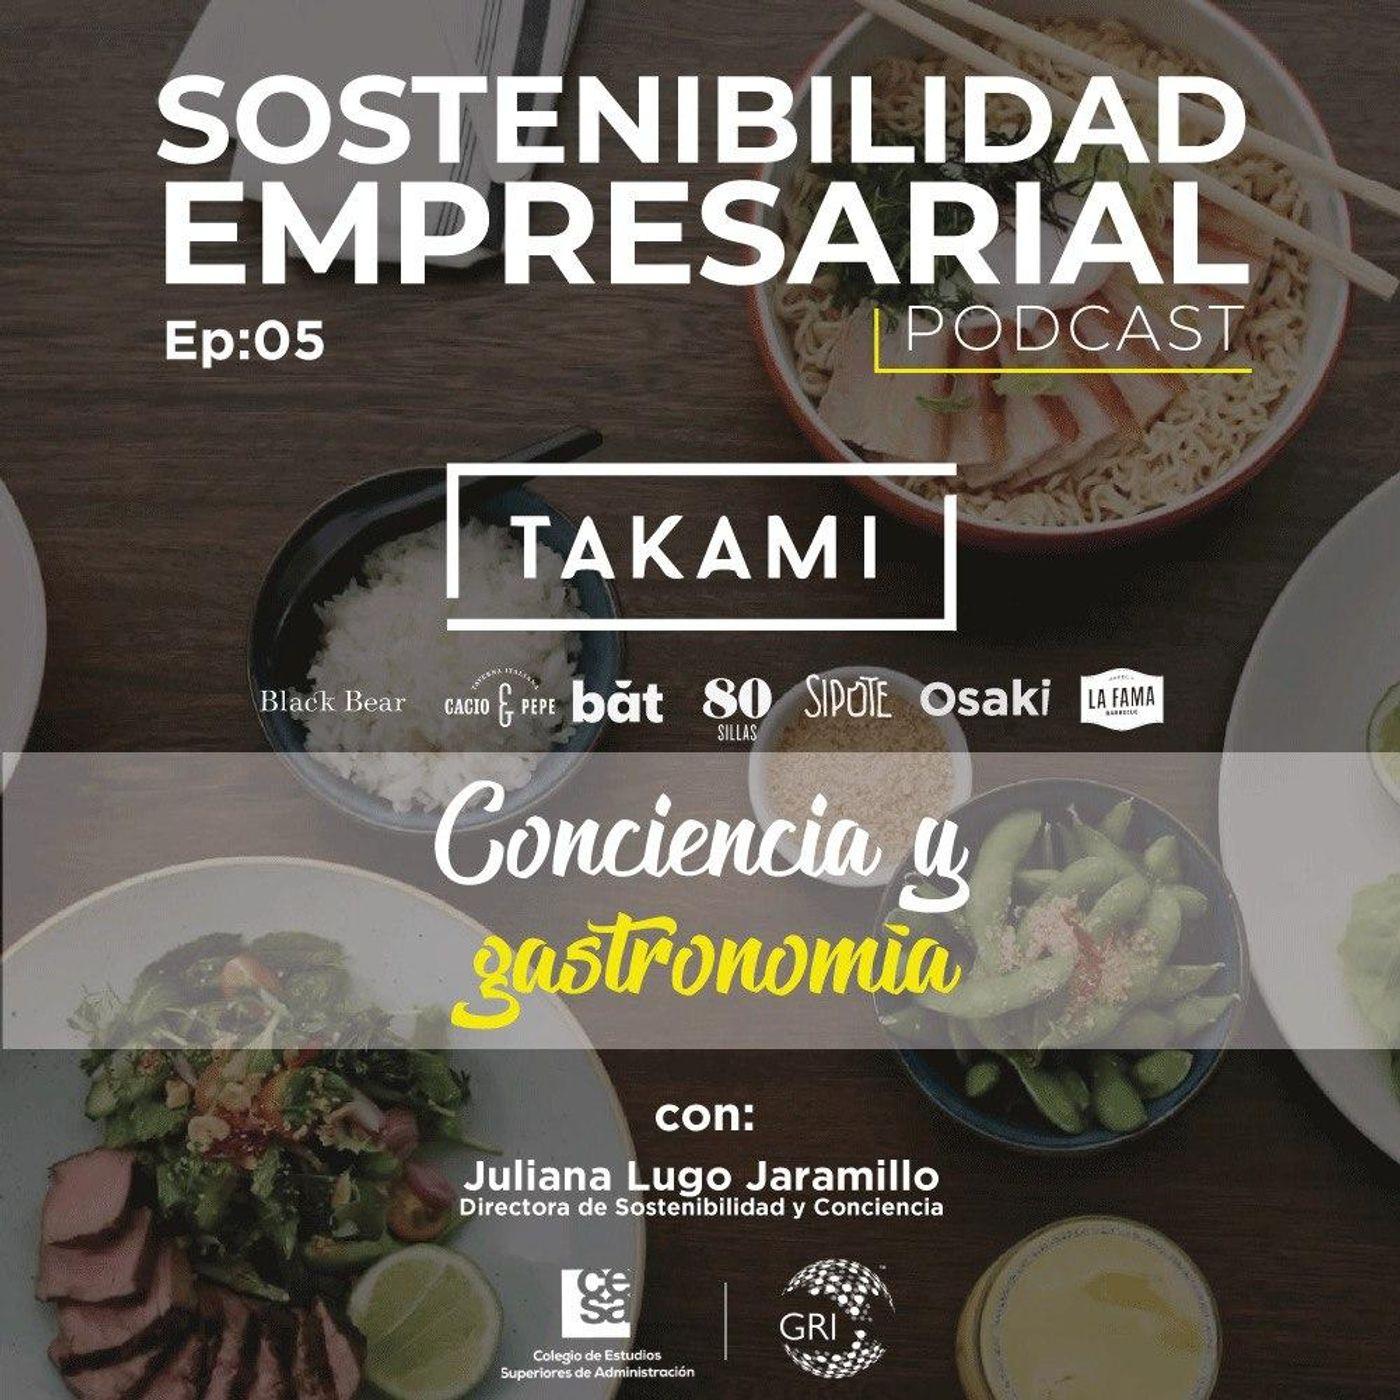 EP 05: Conciencia y Gastronomía - Caso Takami